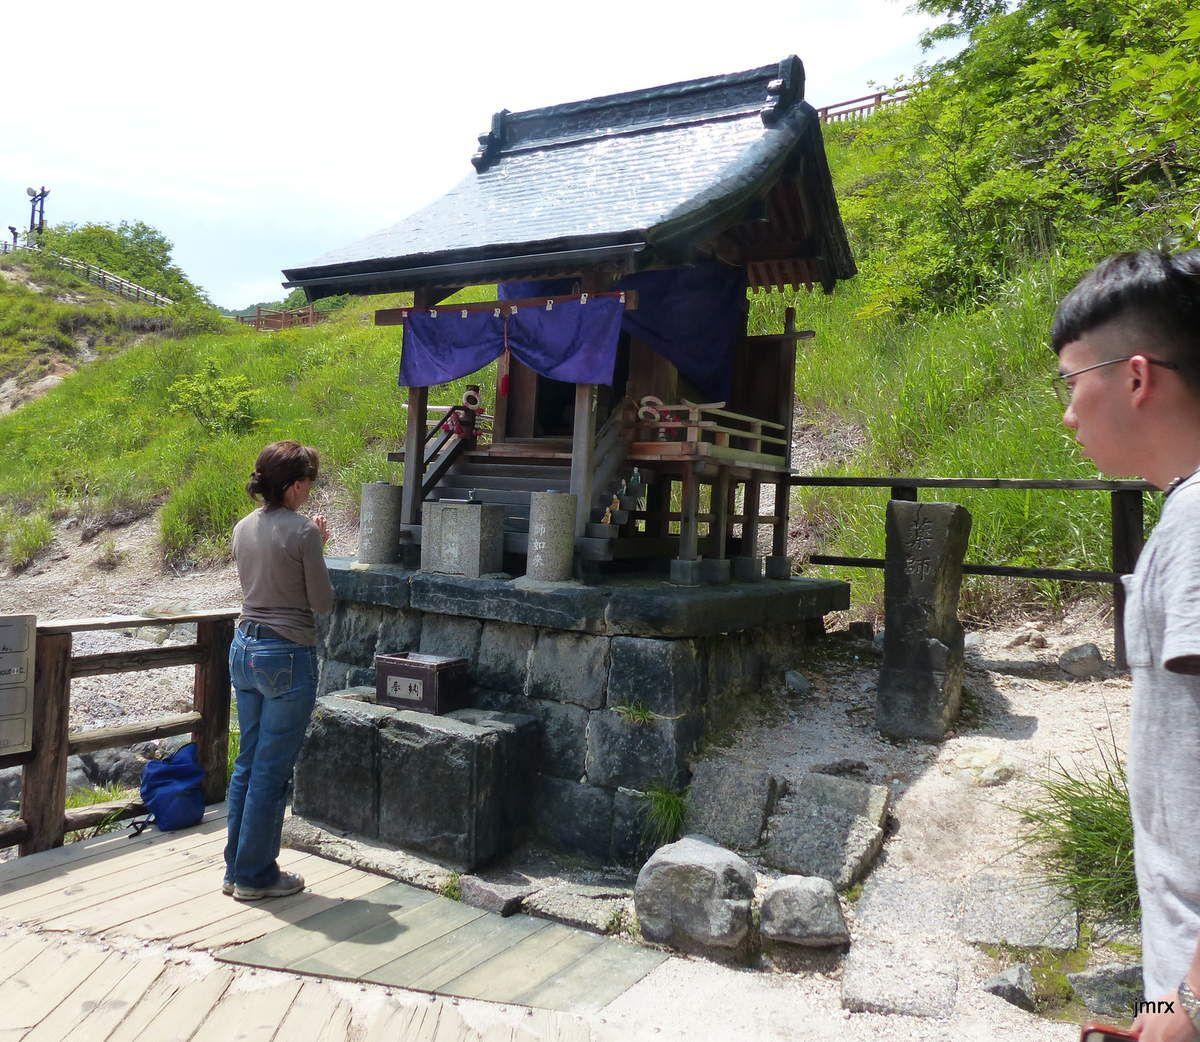 Environs de Hakodate: à Hokkaïdo le volcanisme est visible partout. Les séismes fréquents.